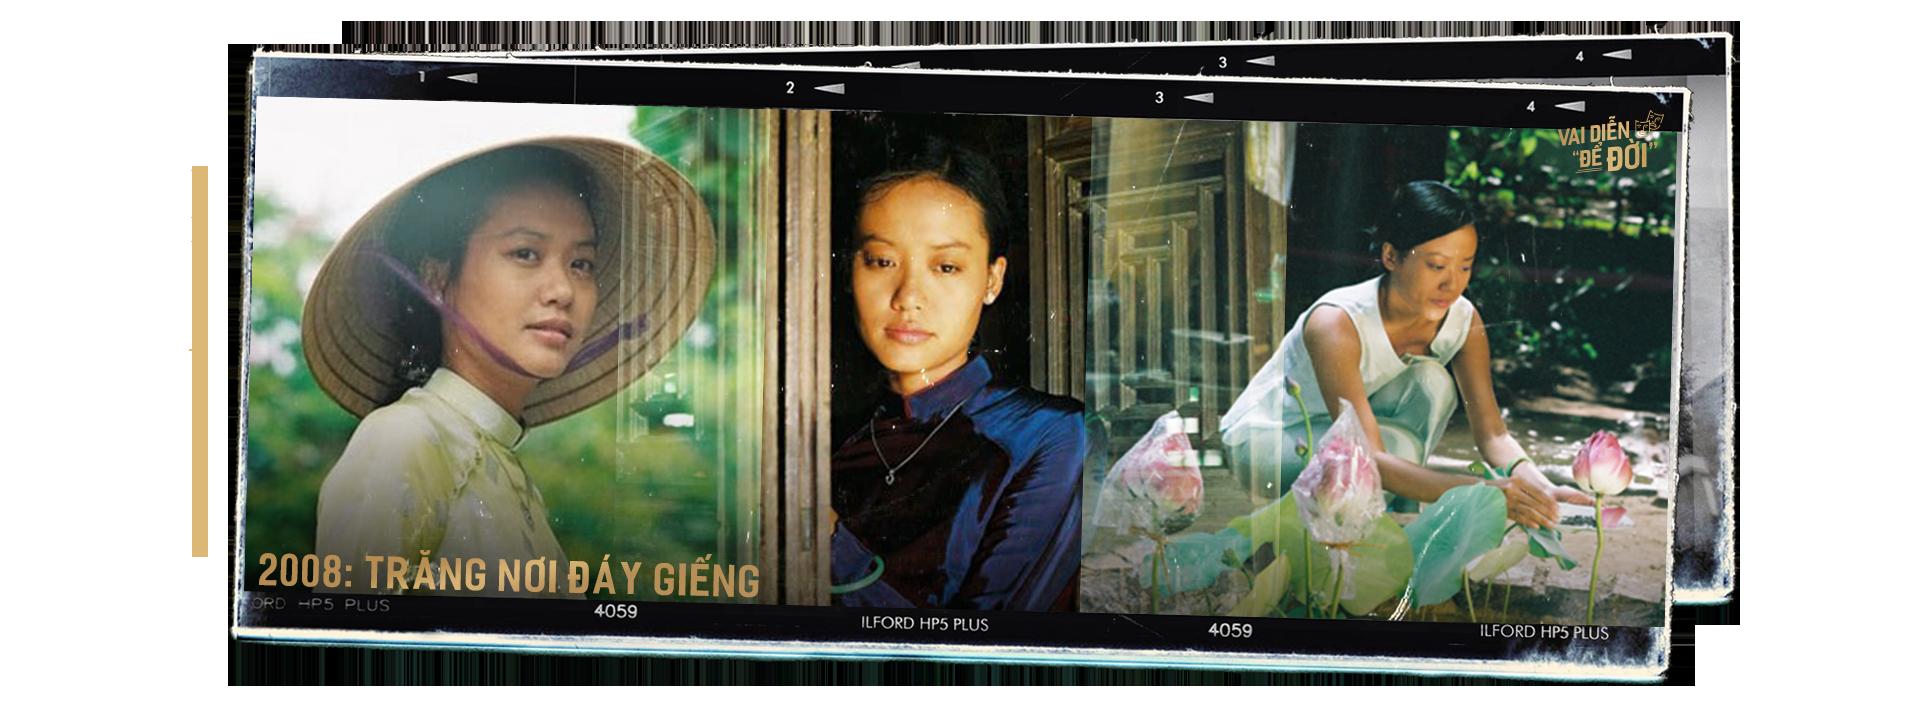 Diễn viên Hồng Ánh và 21 năm làm nghệ thuật không mệt mỏi vì 'mình được làm những gì mình yêu thích'